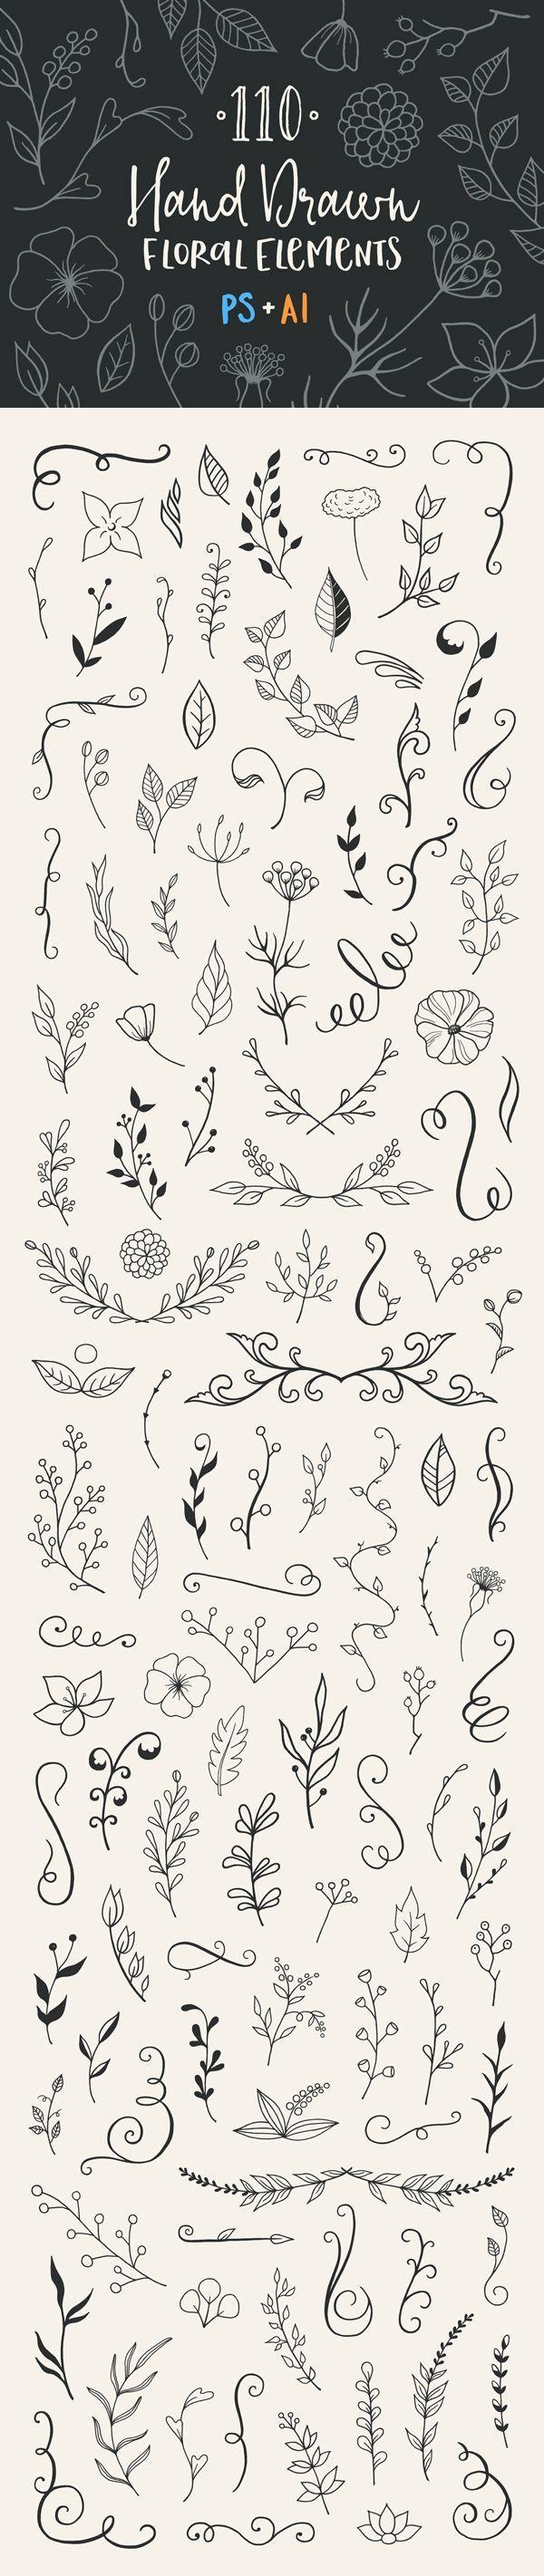 Werbegeschenk-Zusammenfassung! – Kostenlose hübsche Dinge für Sie #tattoos #flowerpatterndesign